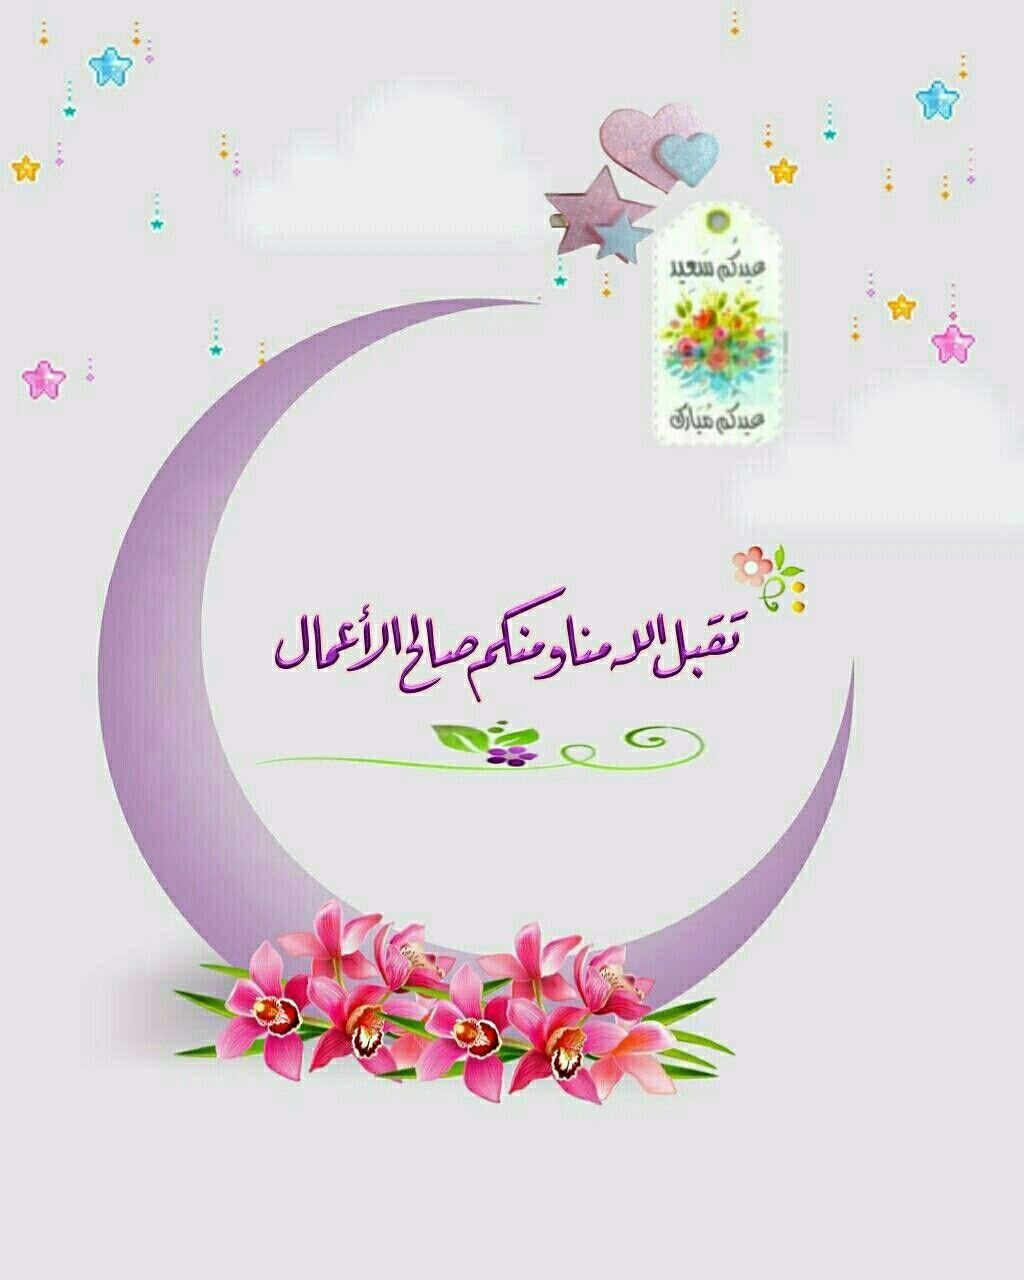 Taqabbal Allaahu minna wa minkum Eid.